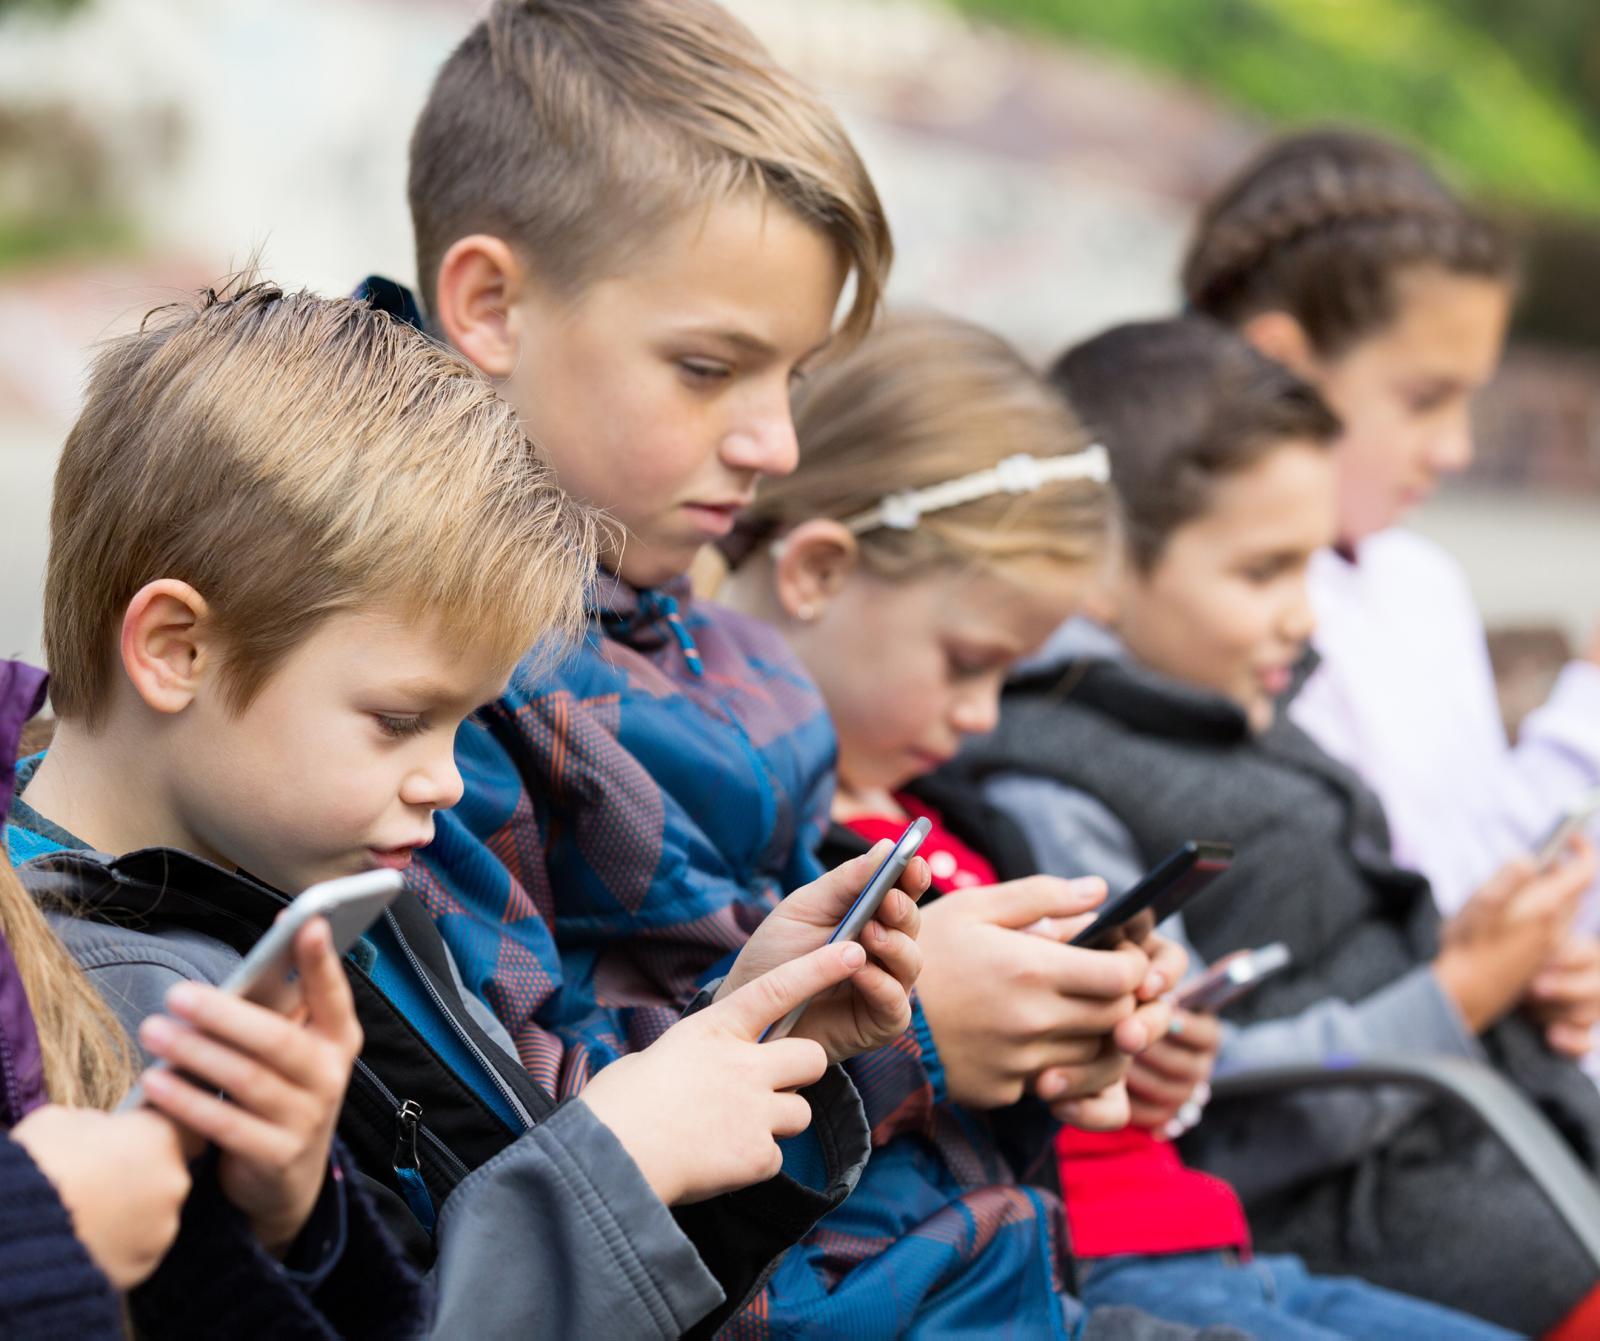 Educazione digitale, quanto siete preparati?